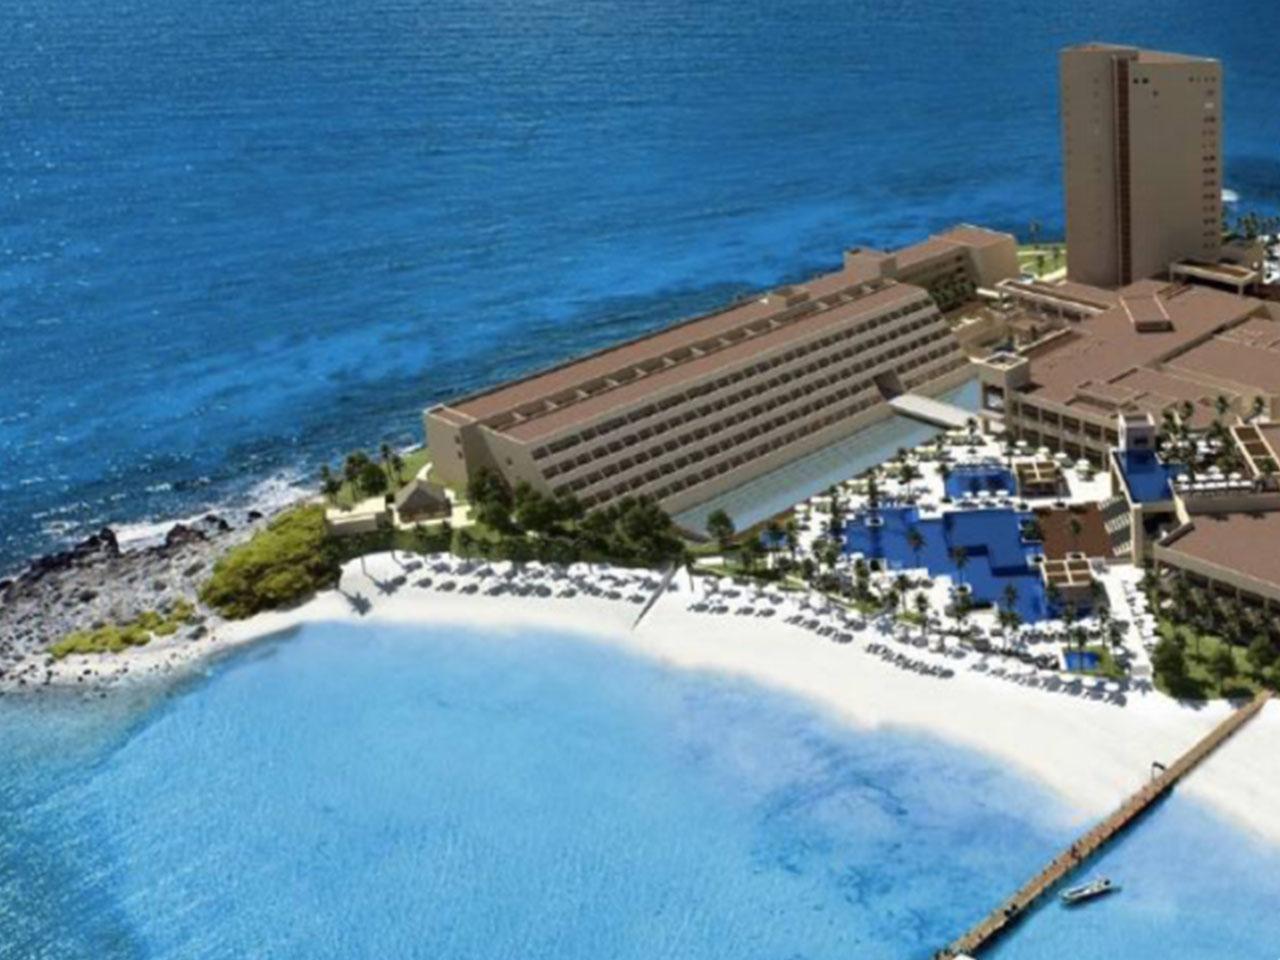 wedding Planner en Monterrey, Boda en la playa, Las mejores bodas en la playa en México -Paquetes nacionales: noches de amor